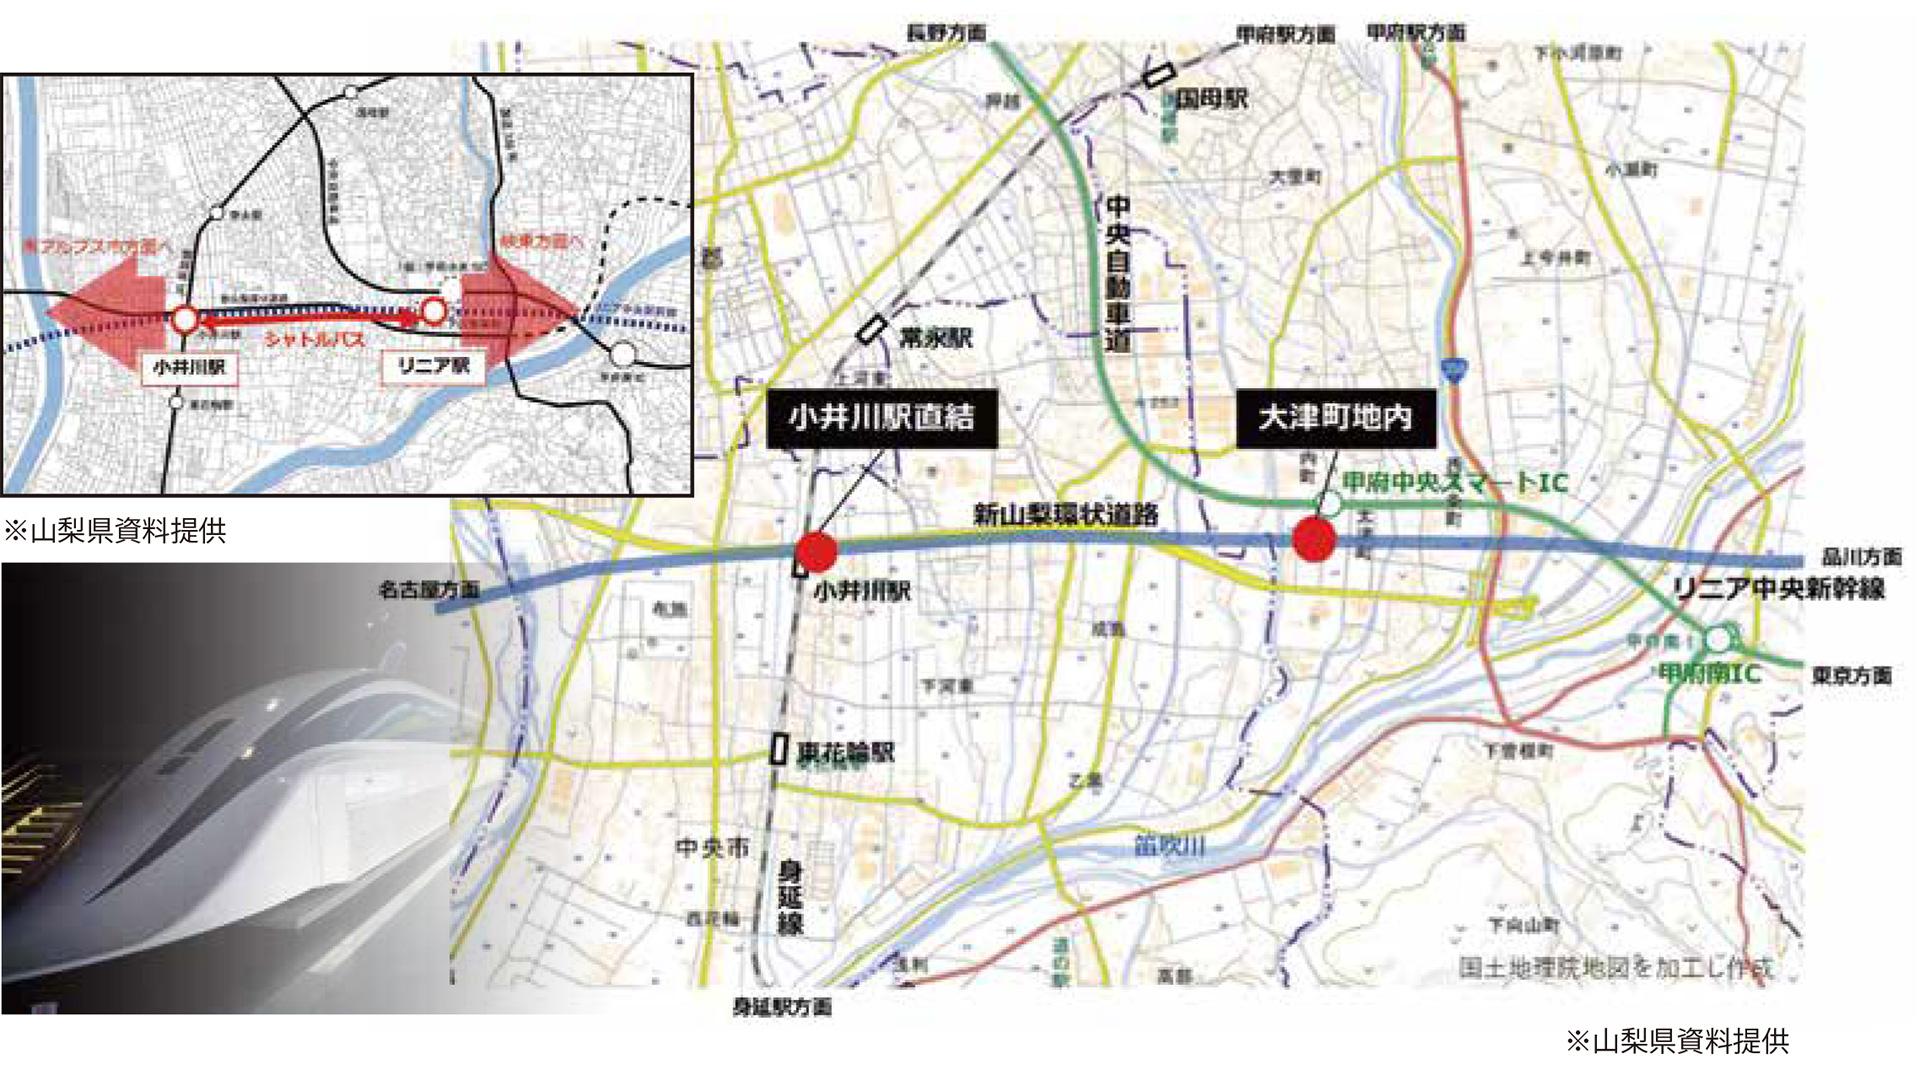 リニア中央新幹線山梨県駅